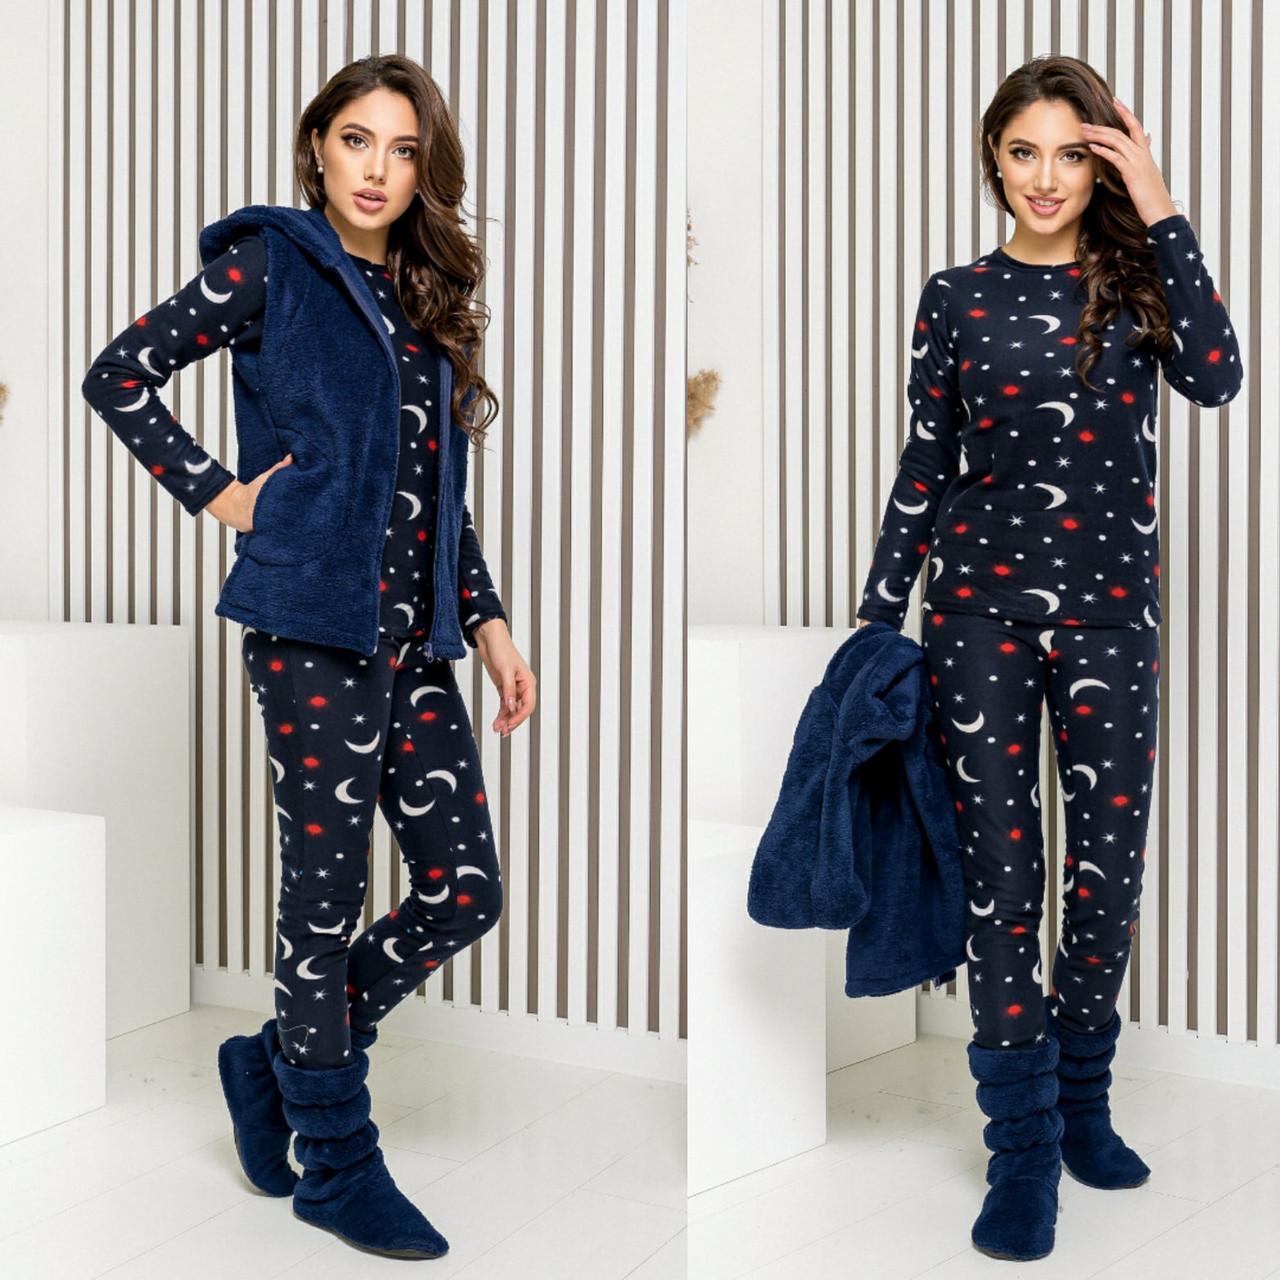 Домашний  женский уютный набор из пижамки плюс жилет плюс сапожки 42-48р.